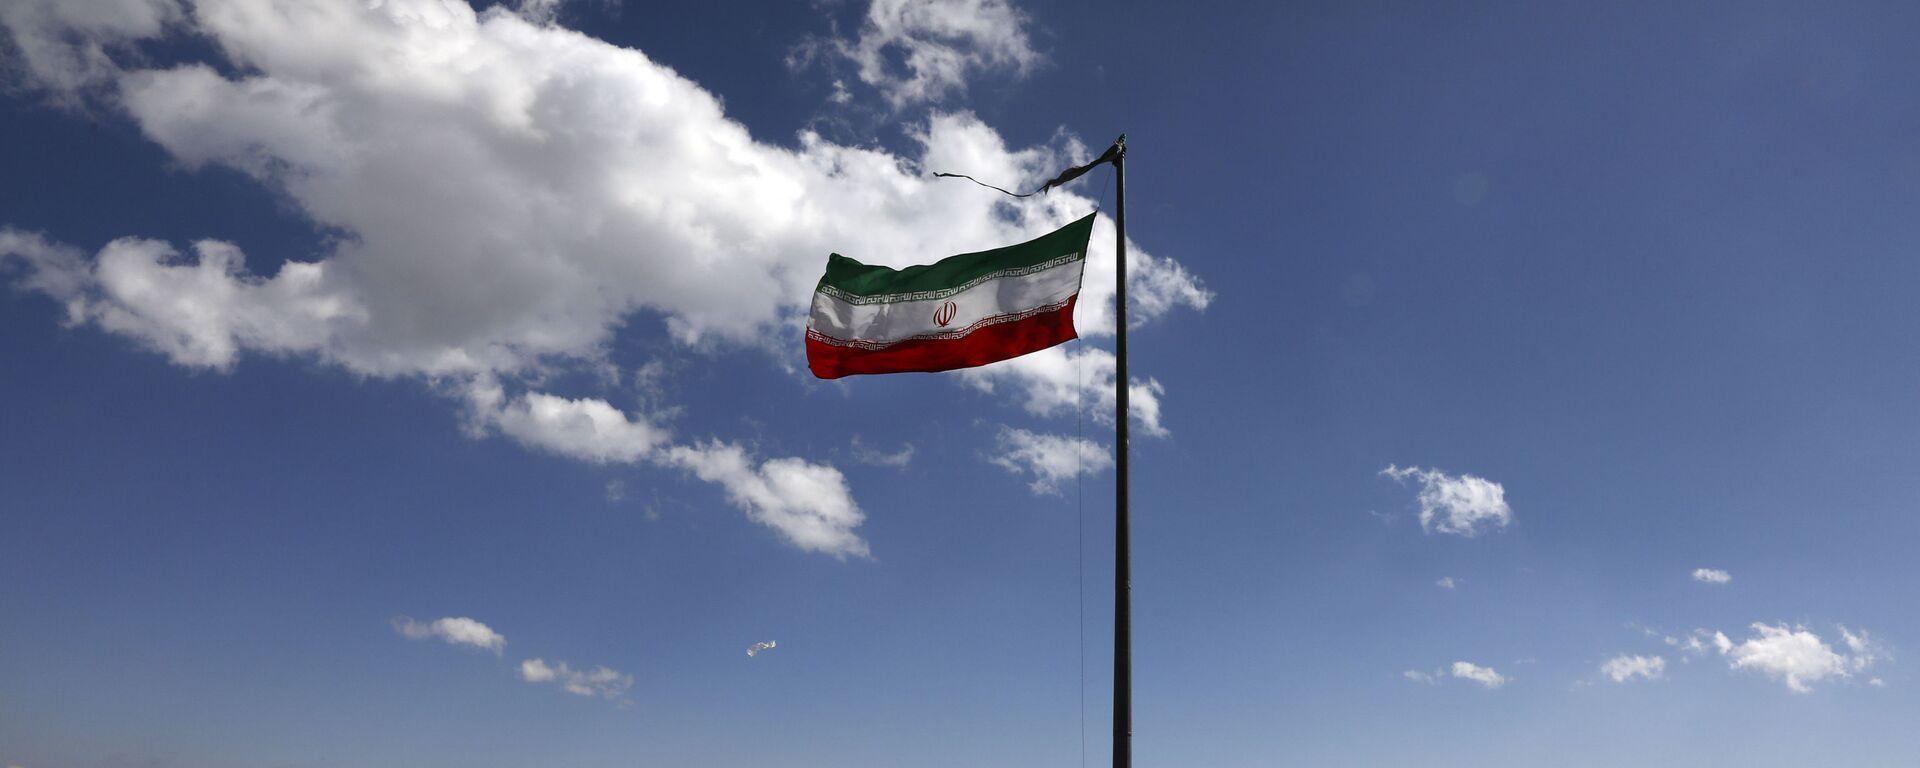 Tehranda İran bayrağı, arxiv şəkli - Sputnik Azərbaycan, 1920, 05.10.2021